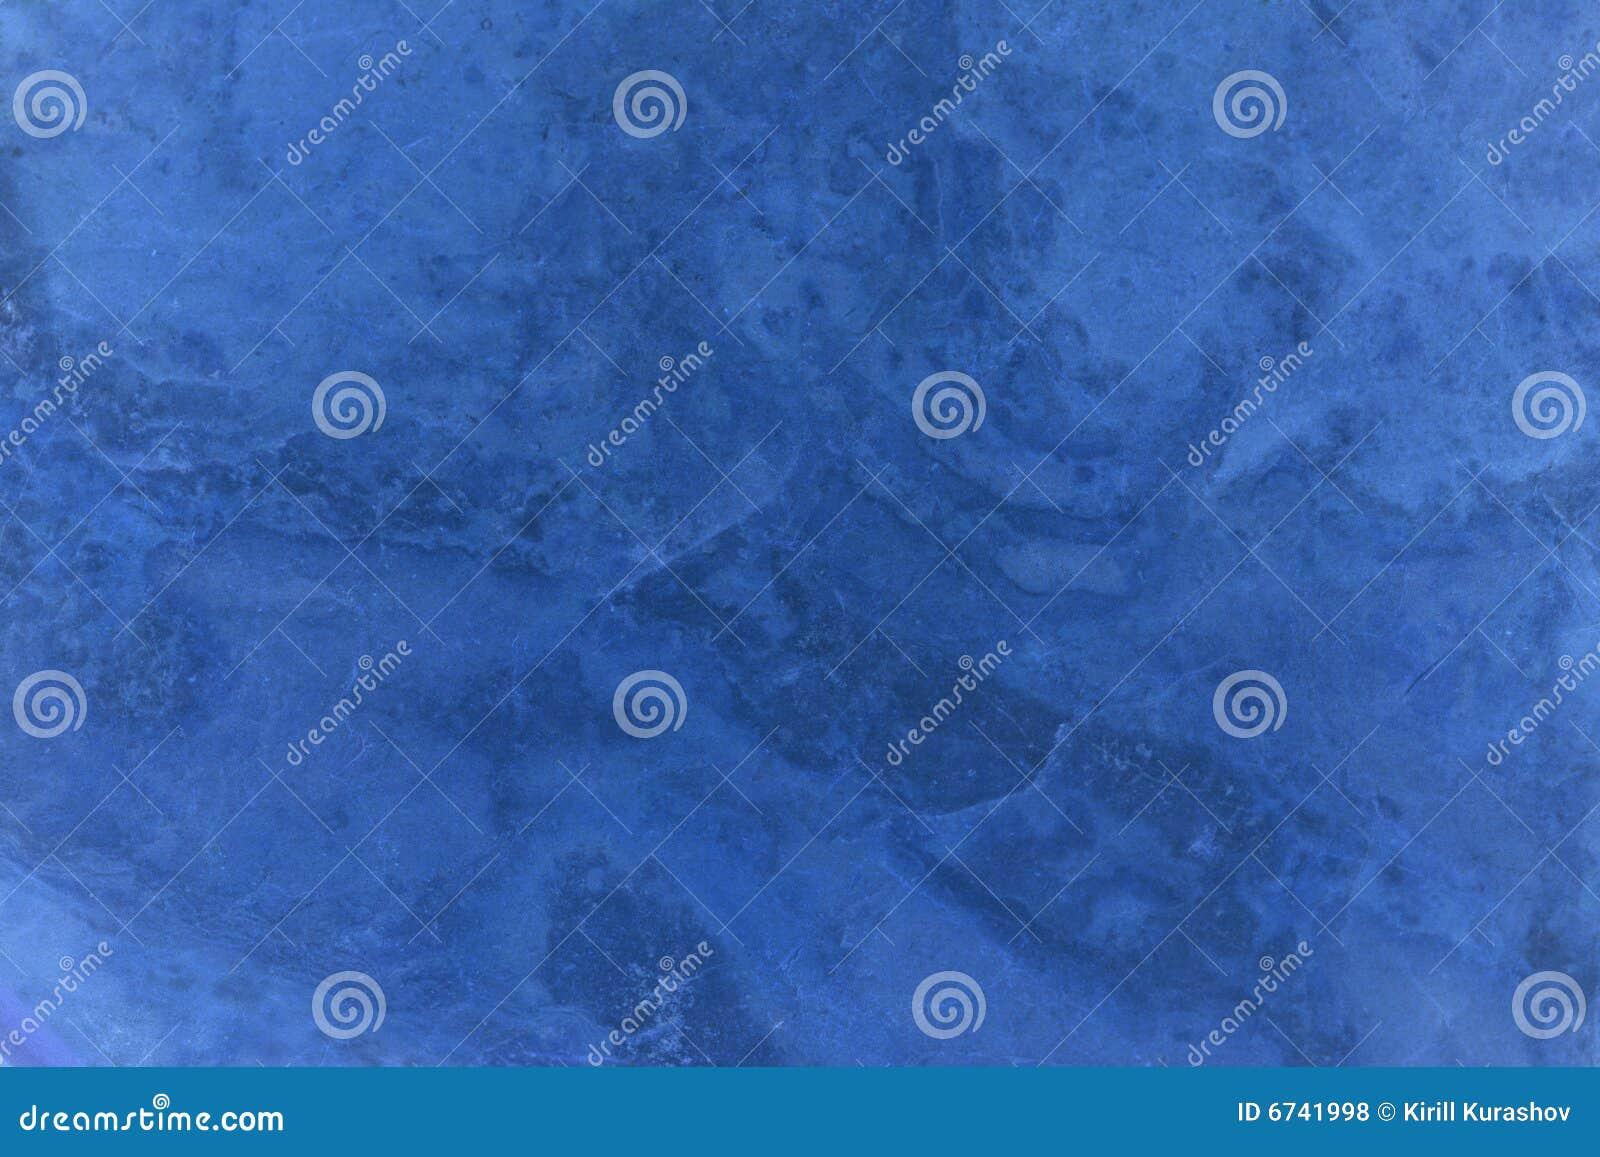 Textura de mármol azul marino